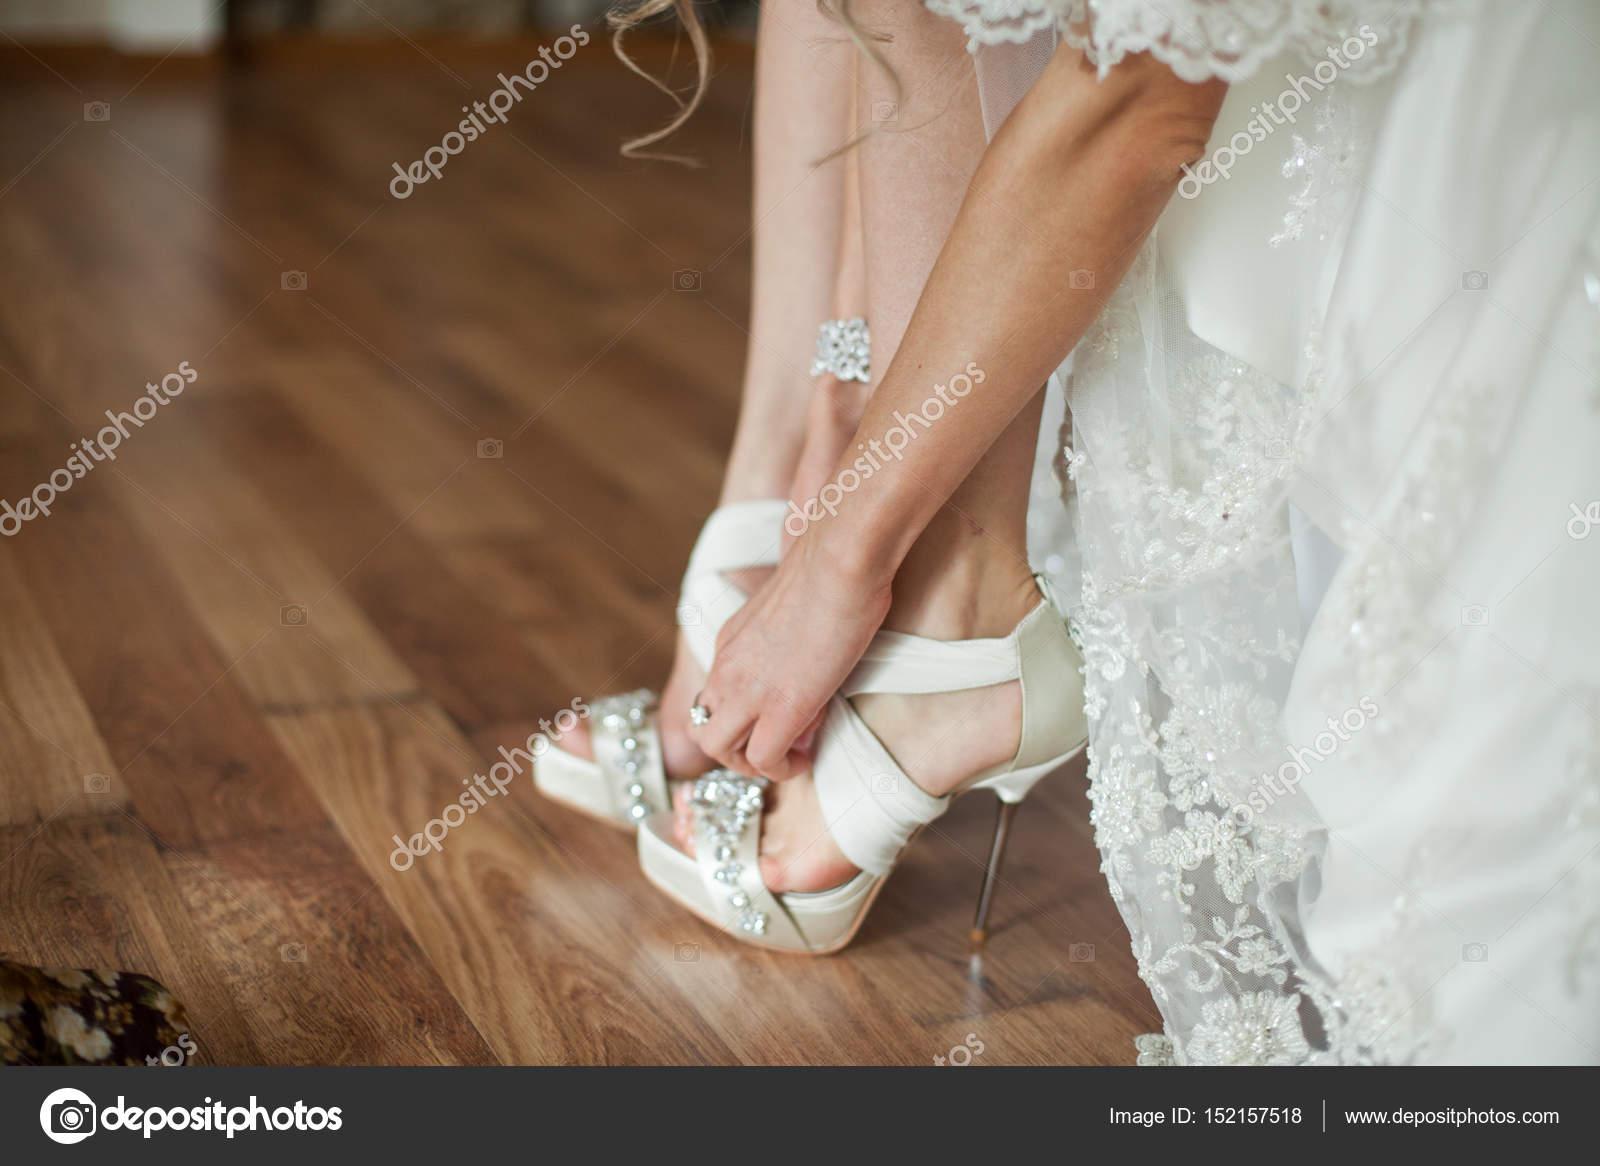 Braut Setzt Auf Offene Spitze Hochzeitsschuhe Stockfoto C Ivash